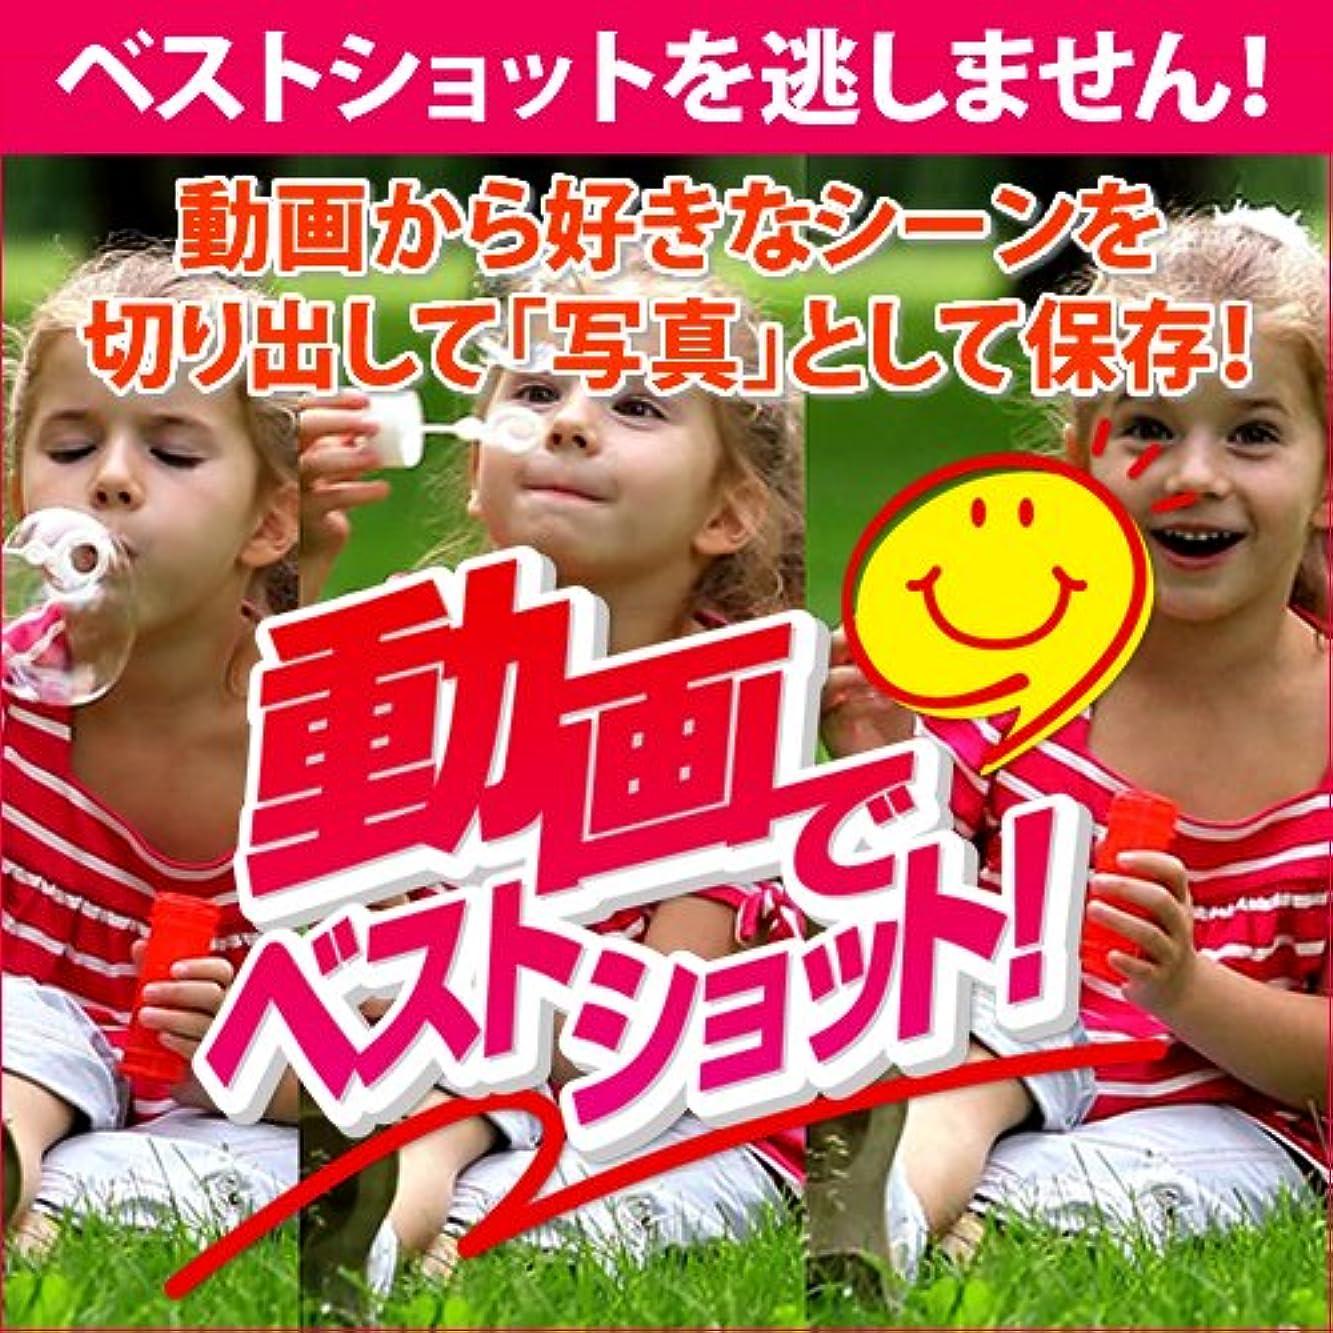 小麦粉サミットうんざり動画でベストショット! [ダウンロード]